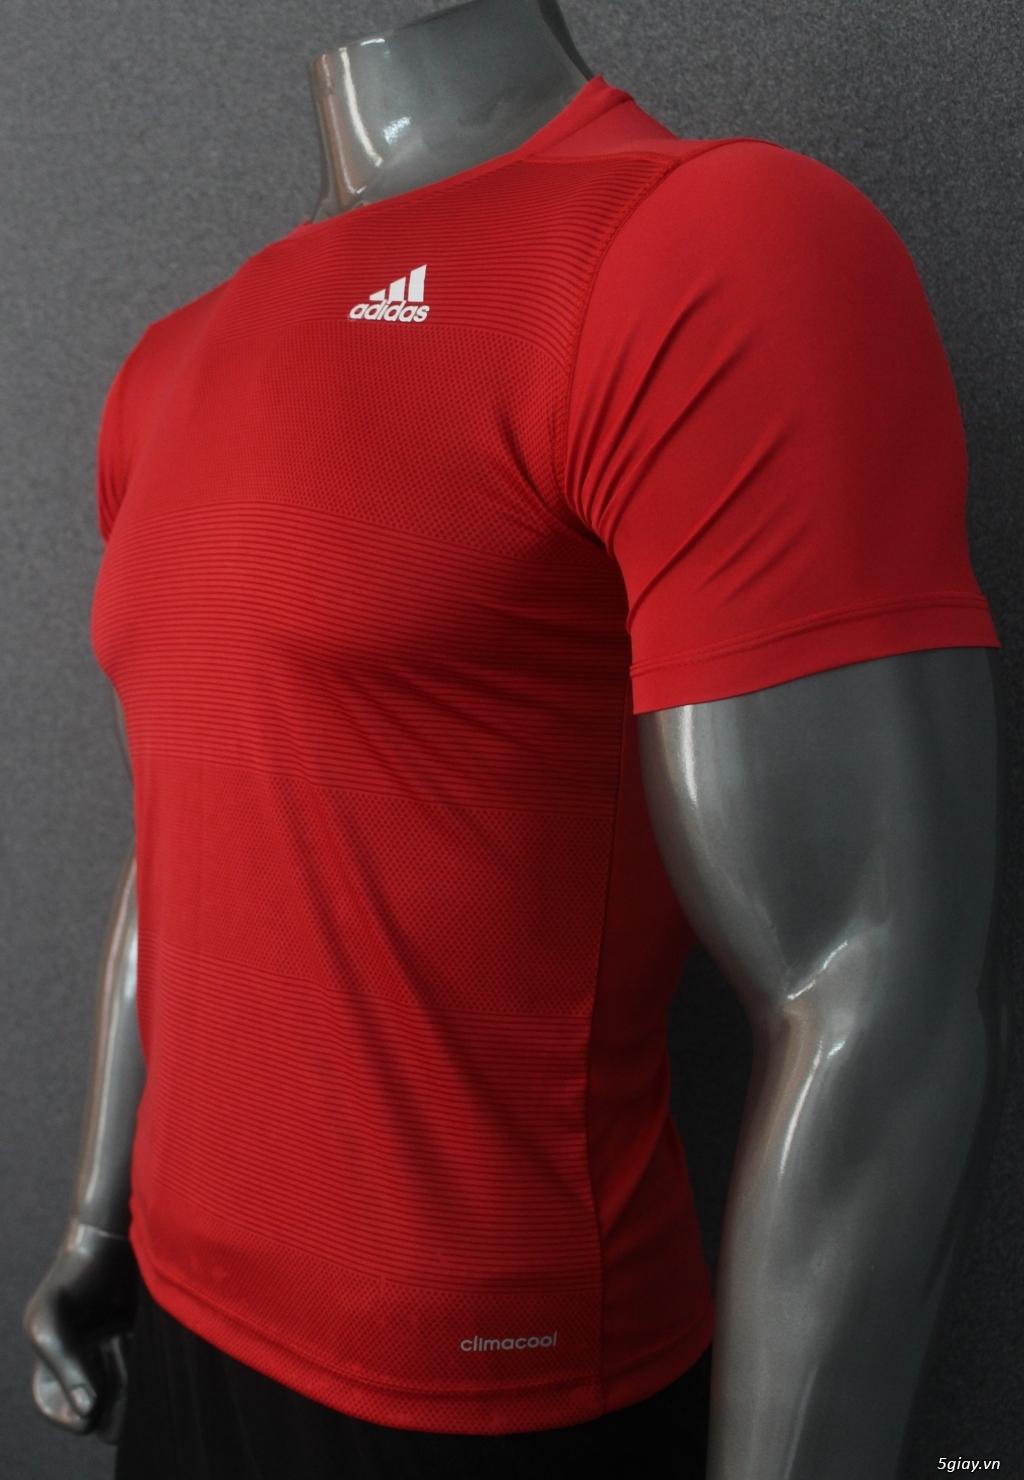 Chuyên cung cấp quần áo thể thao Adidas,Nike,Under Armour,Puma...trên Toàn Quốc giá xưởng - 27